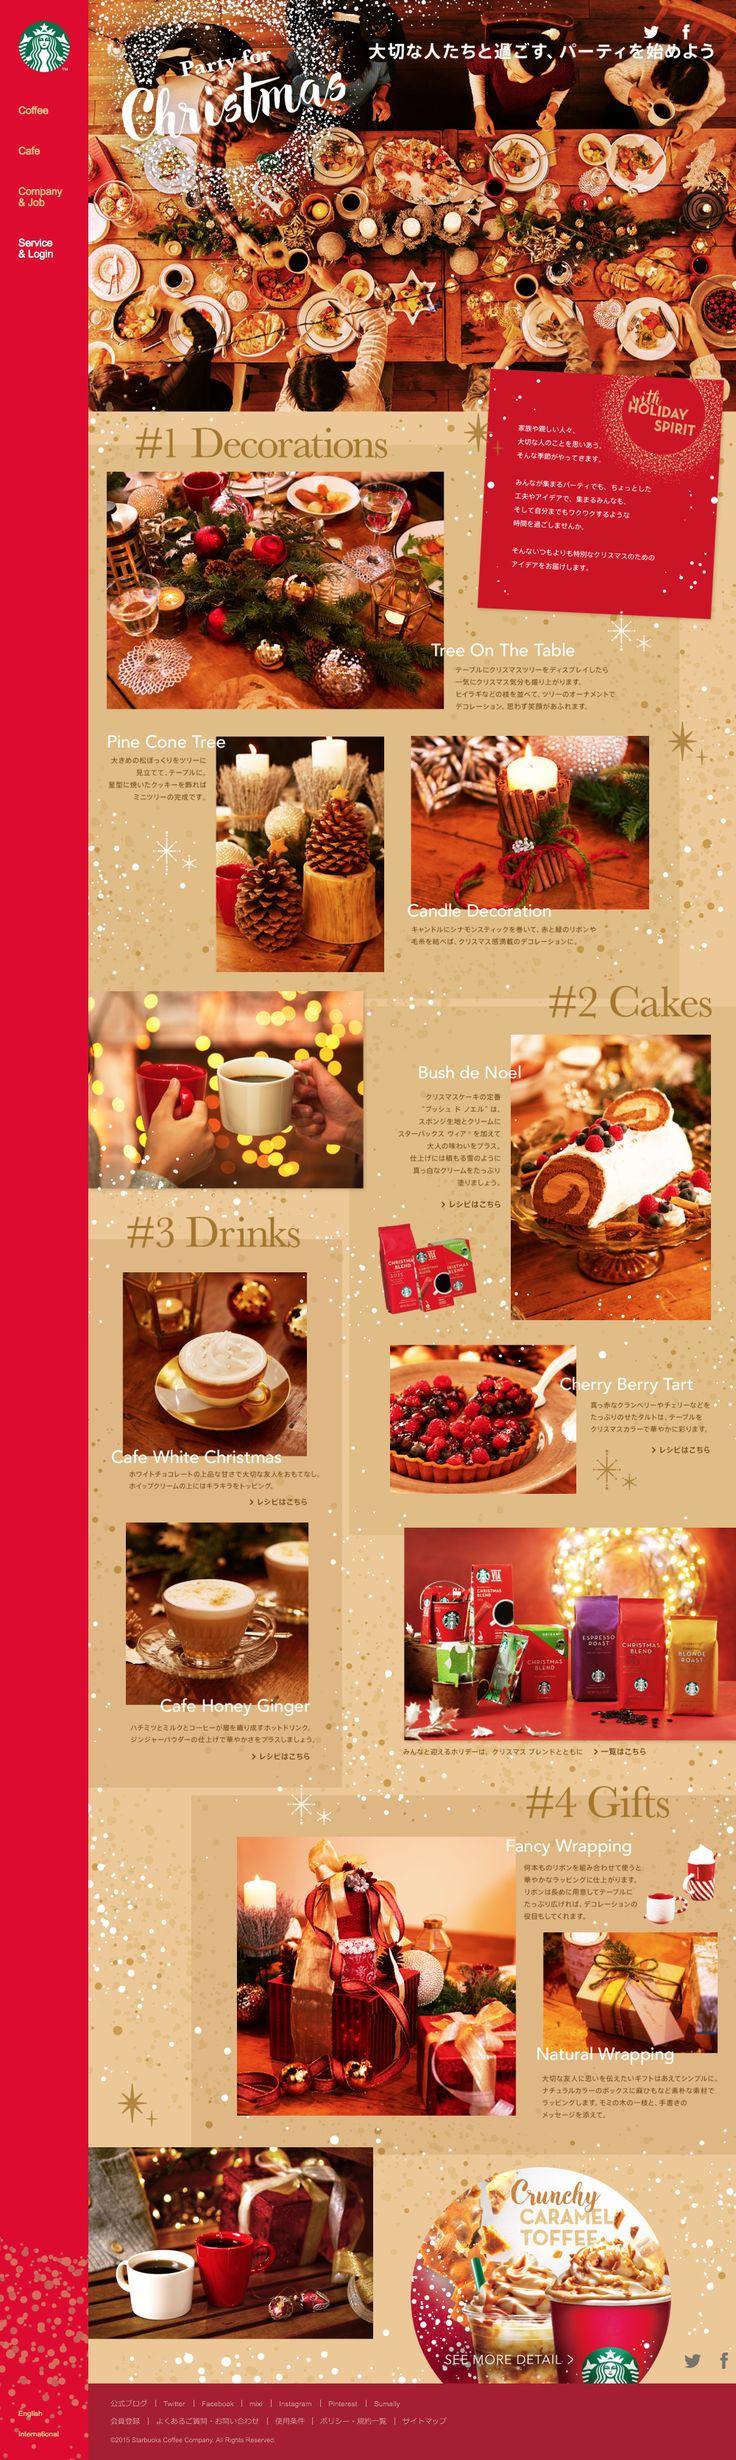 [季節のコーヒー] Party for Christmas パーティを始めよう|スターバックス コーヒー ジャパン